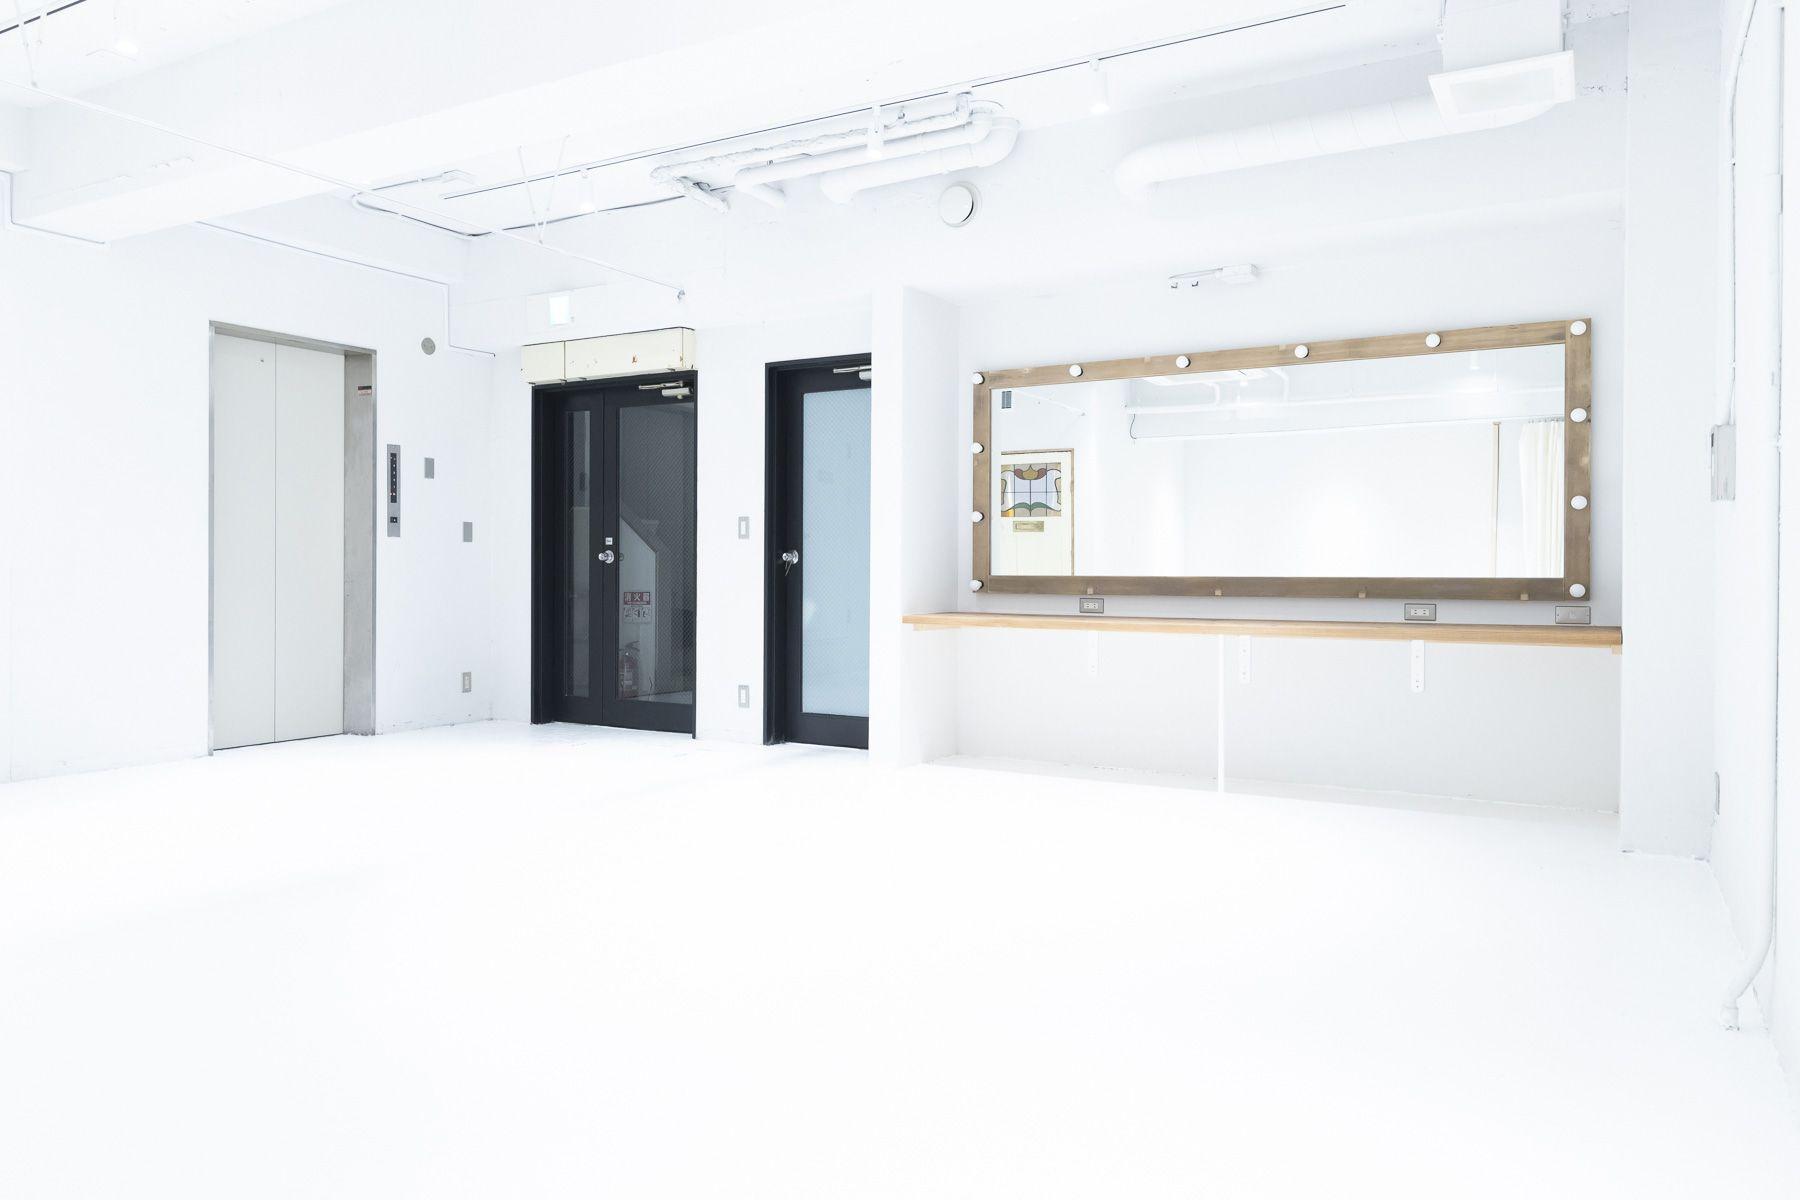 STUDIO SAND 1F(スタジオサンド1F)大型のハリウッドミラー